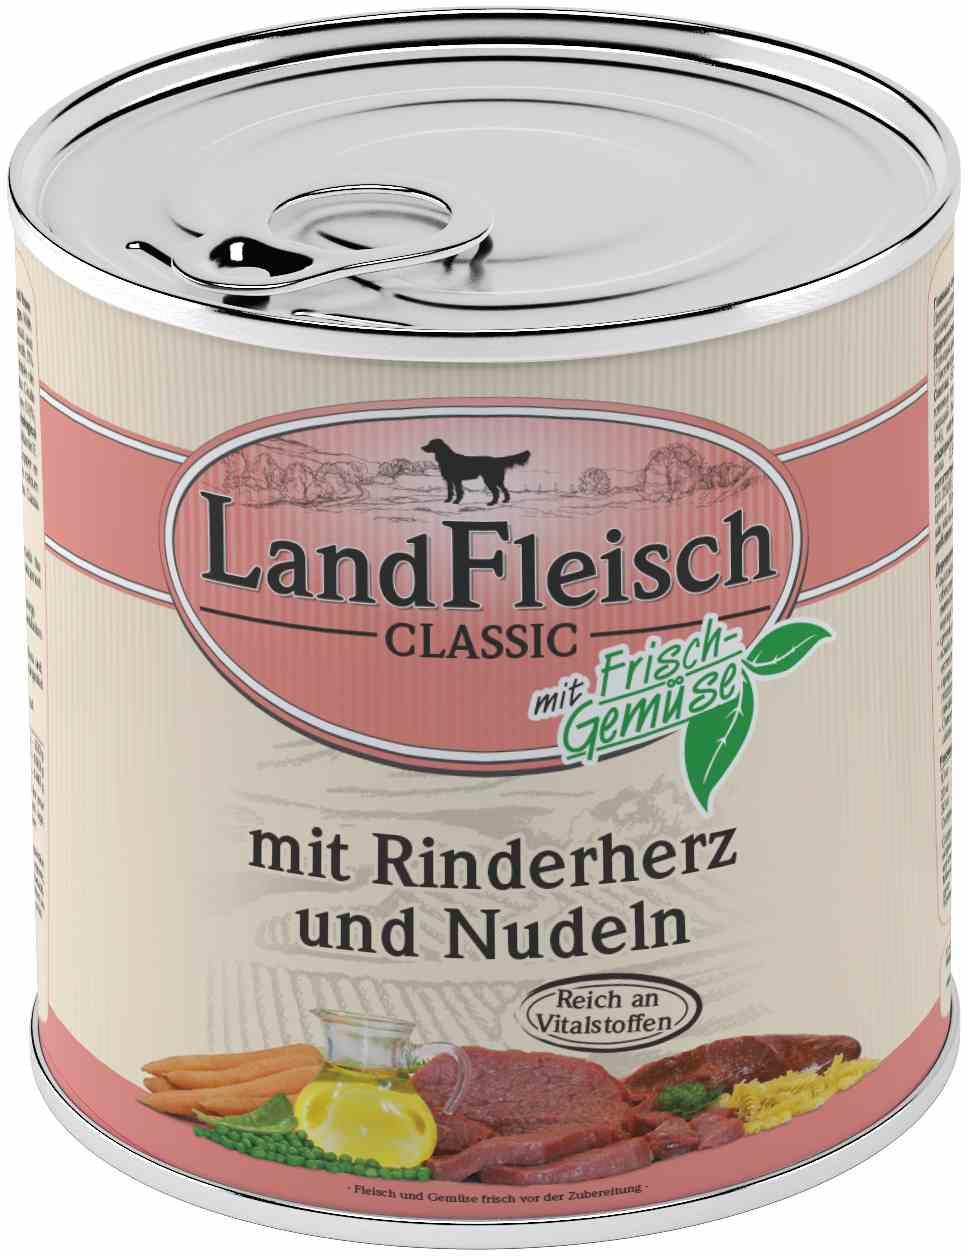 Landfleisch Dog Classic Rinderherz, Nudeln 800g